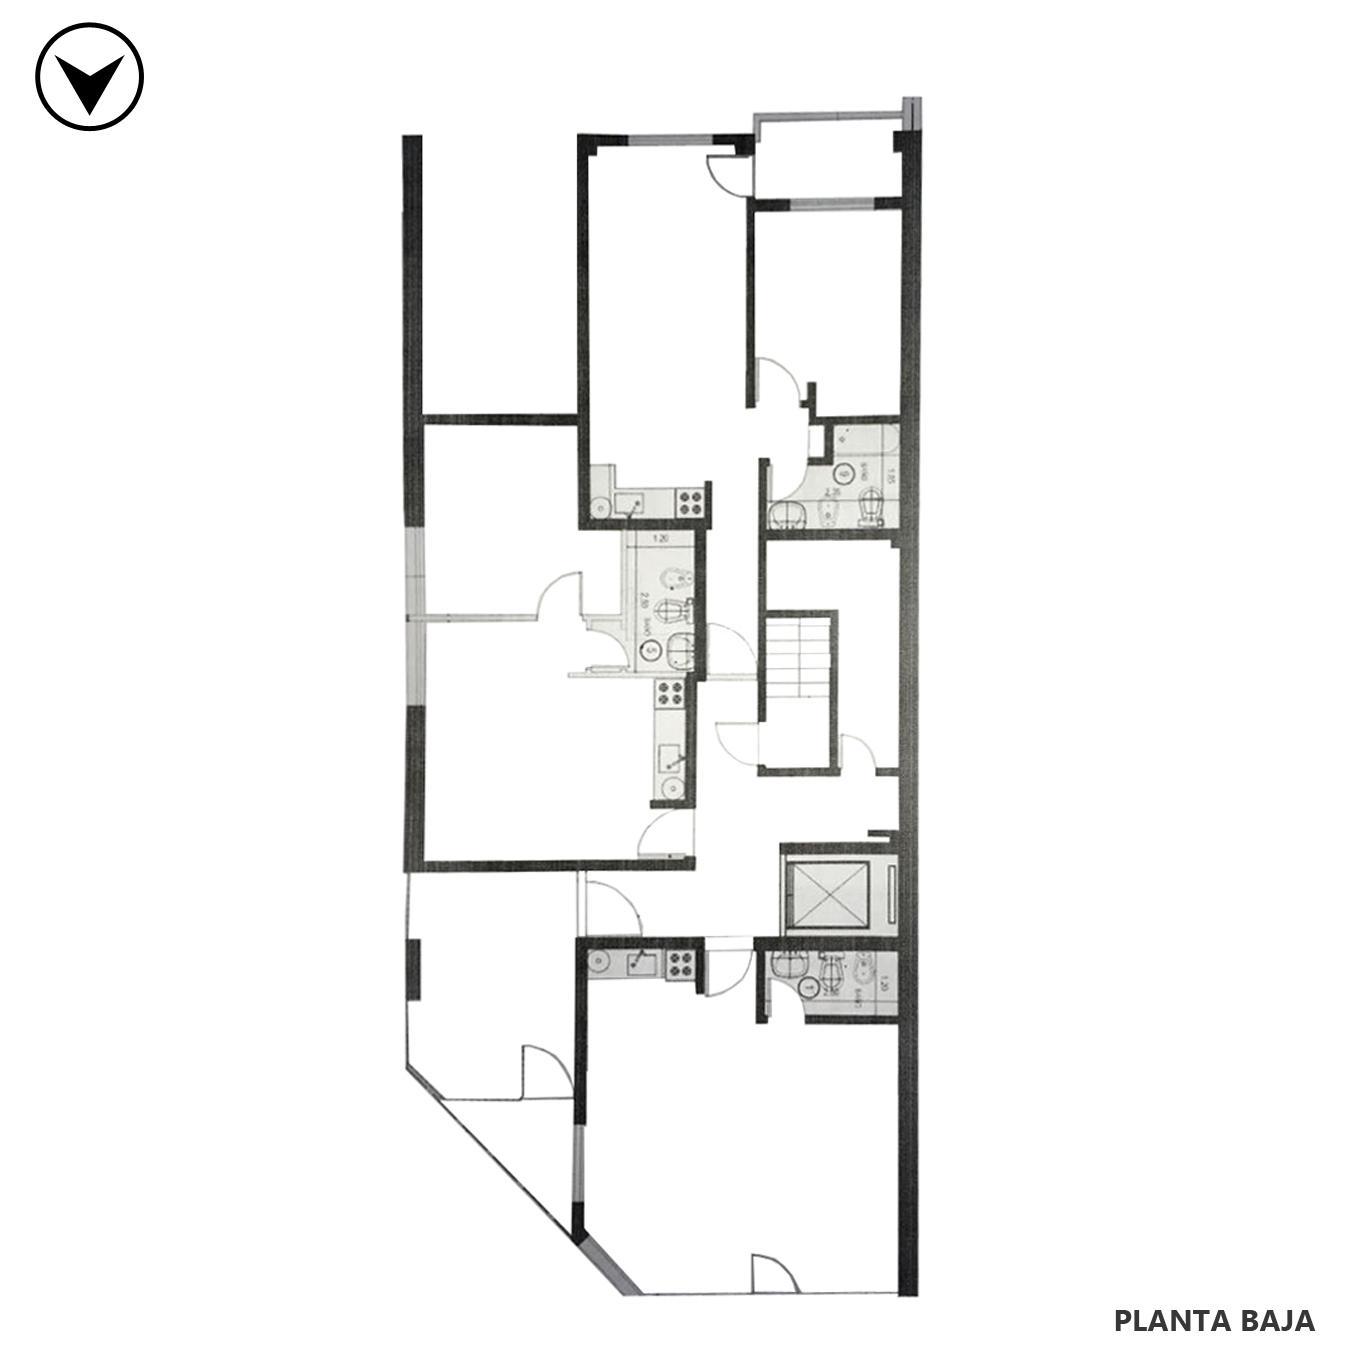 Venta departamento 1 dormitorio Rosario, Luis Agote. Cod CBU25351 AP2354338. Crestale Propiedades